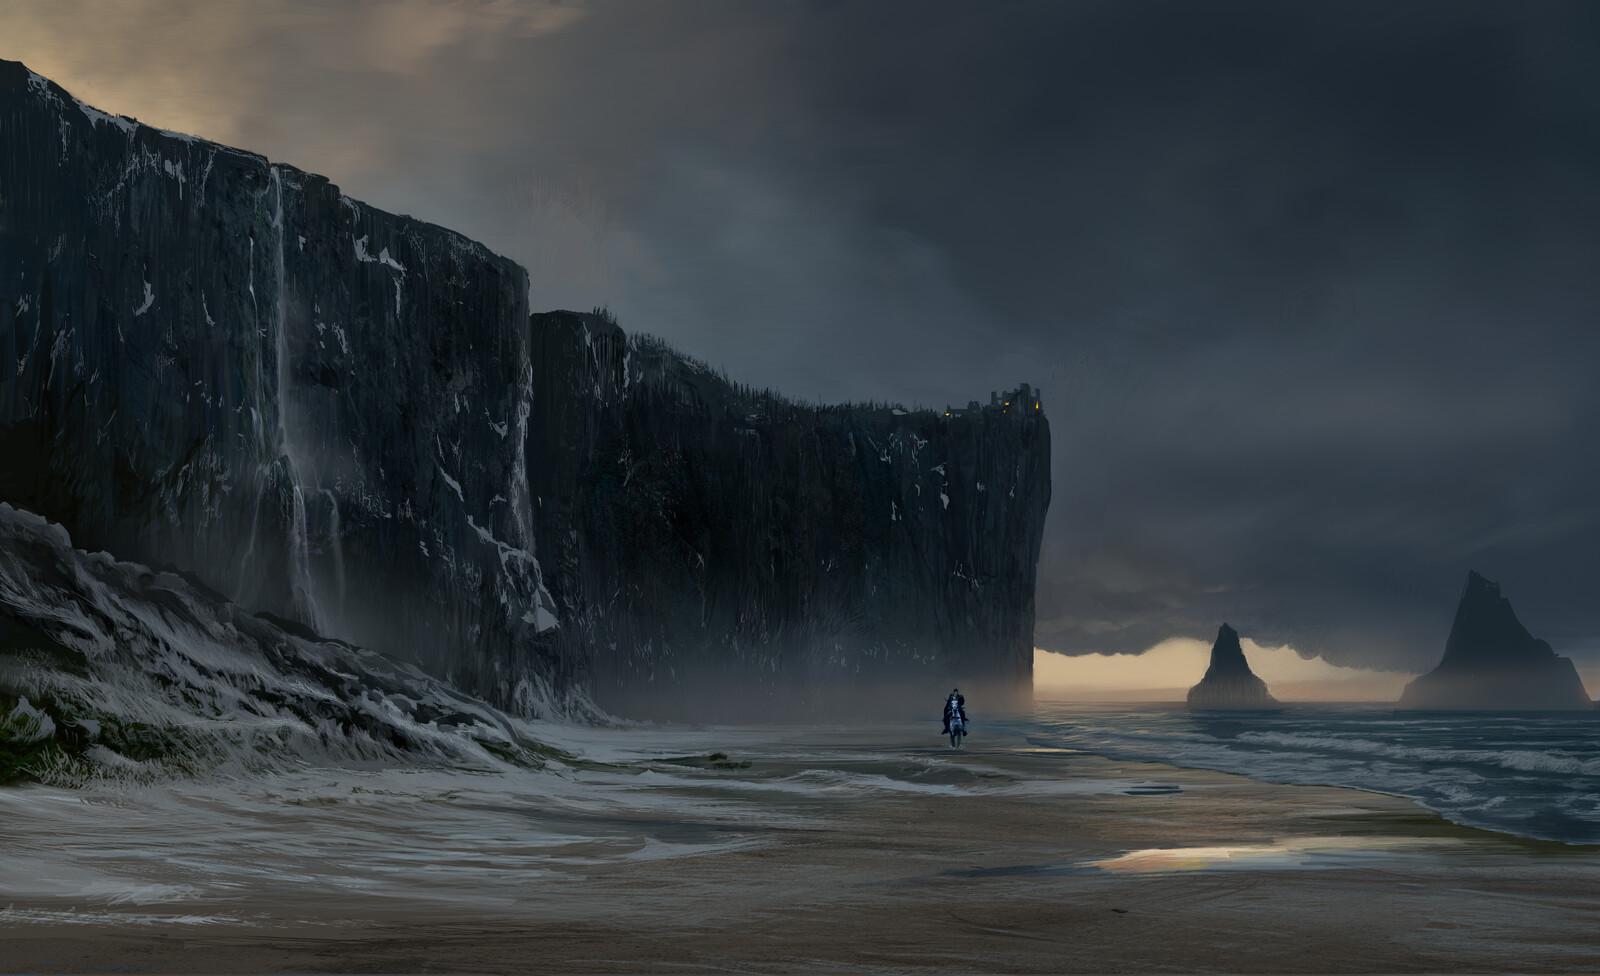 Beowulf Beach